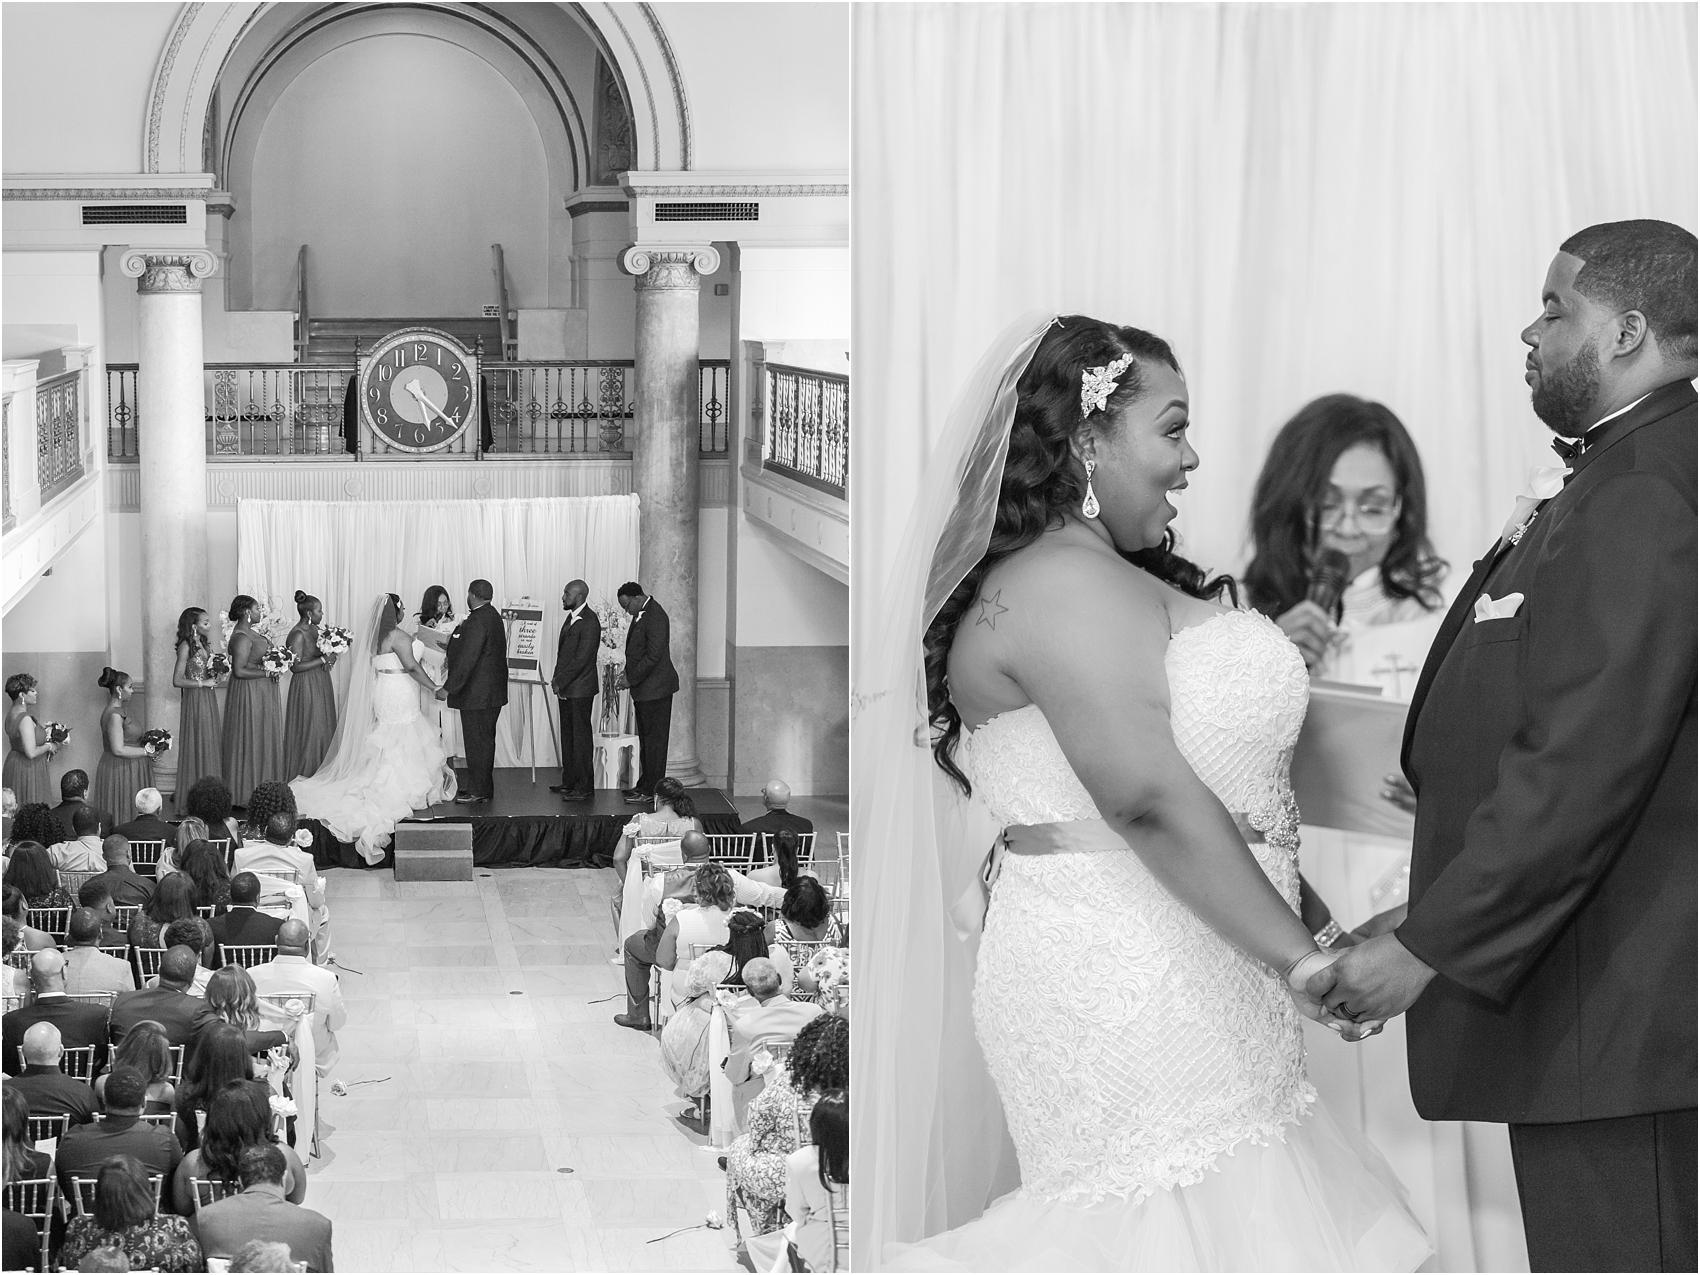 minimalist-and-modern-wedding-photos-at-30-north-saginaw-in-pontiac-michigan-by-courtney-carolyn-photography_0046.jpg